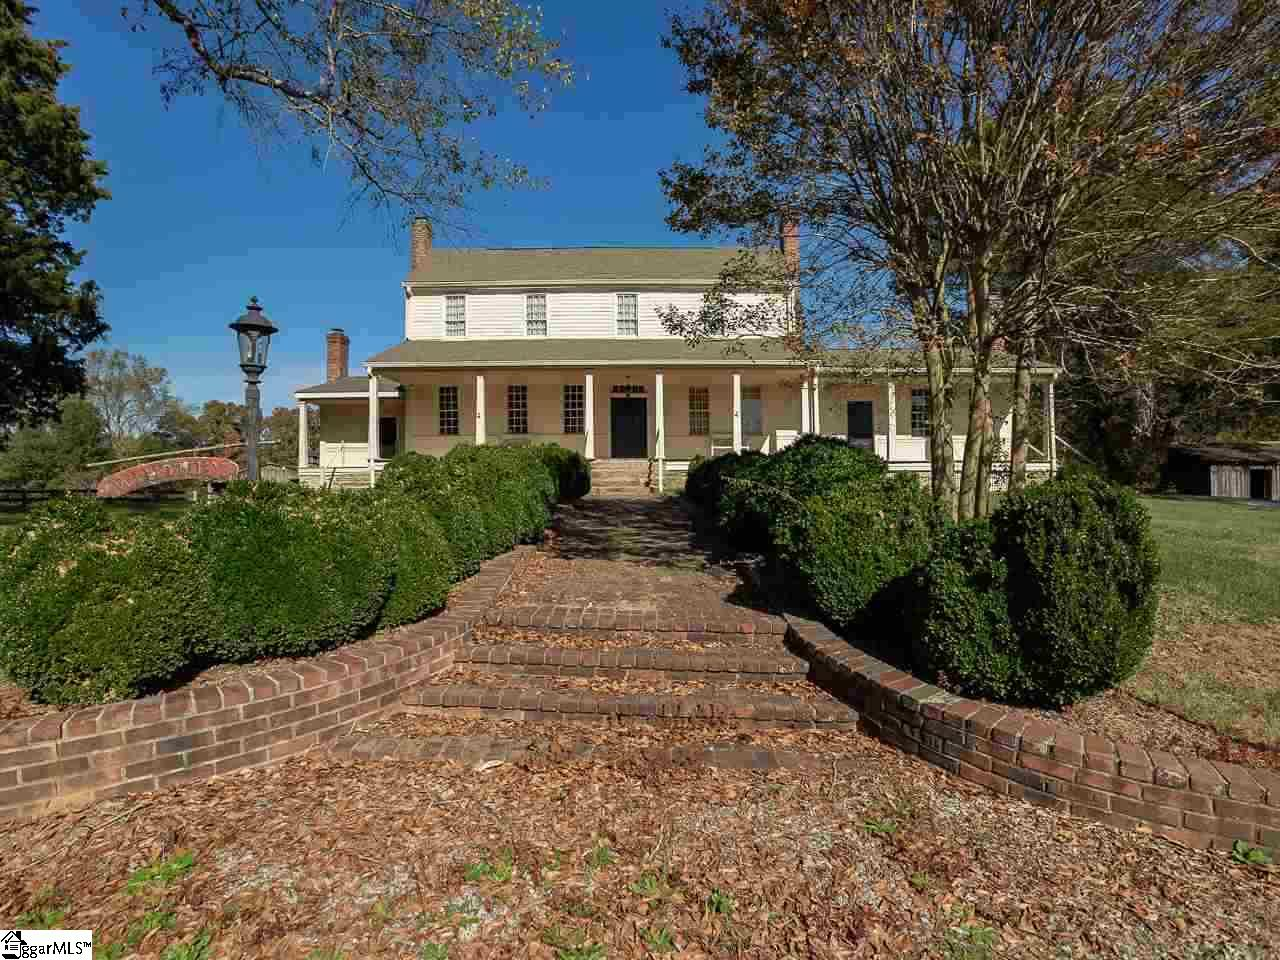 455 Old Georgia Moore, SC 29369